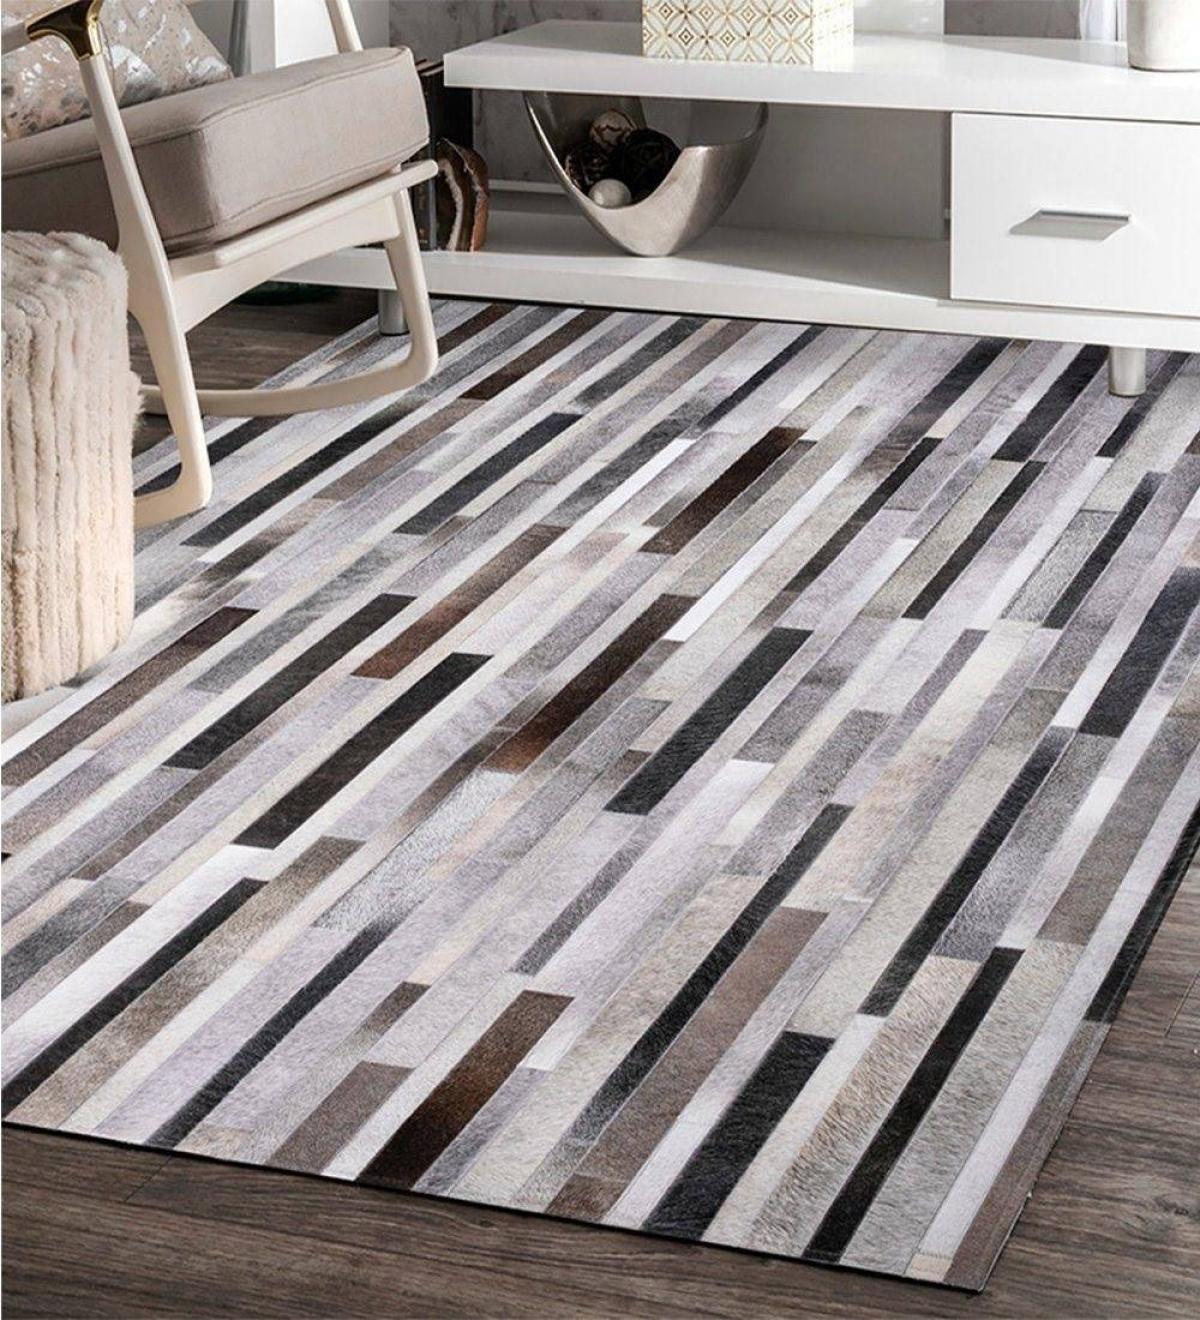 Tính linh hoạt và độ bền của thảm khiến chúng trở thành lựa chọn ưu tiên của nhiều gia đình. Thảm trải sàn có thể dễ dàng di chuyển từ phòng này sang phòng khác một cách dễ dàng.